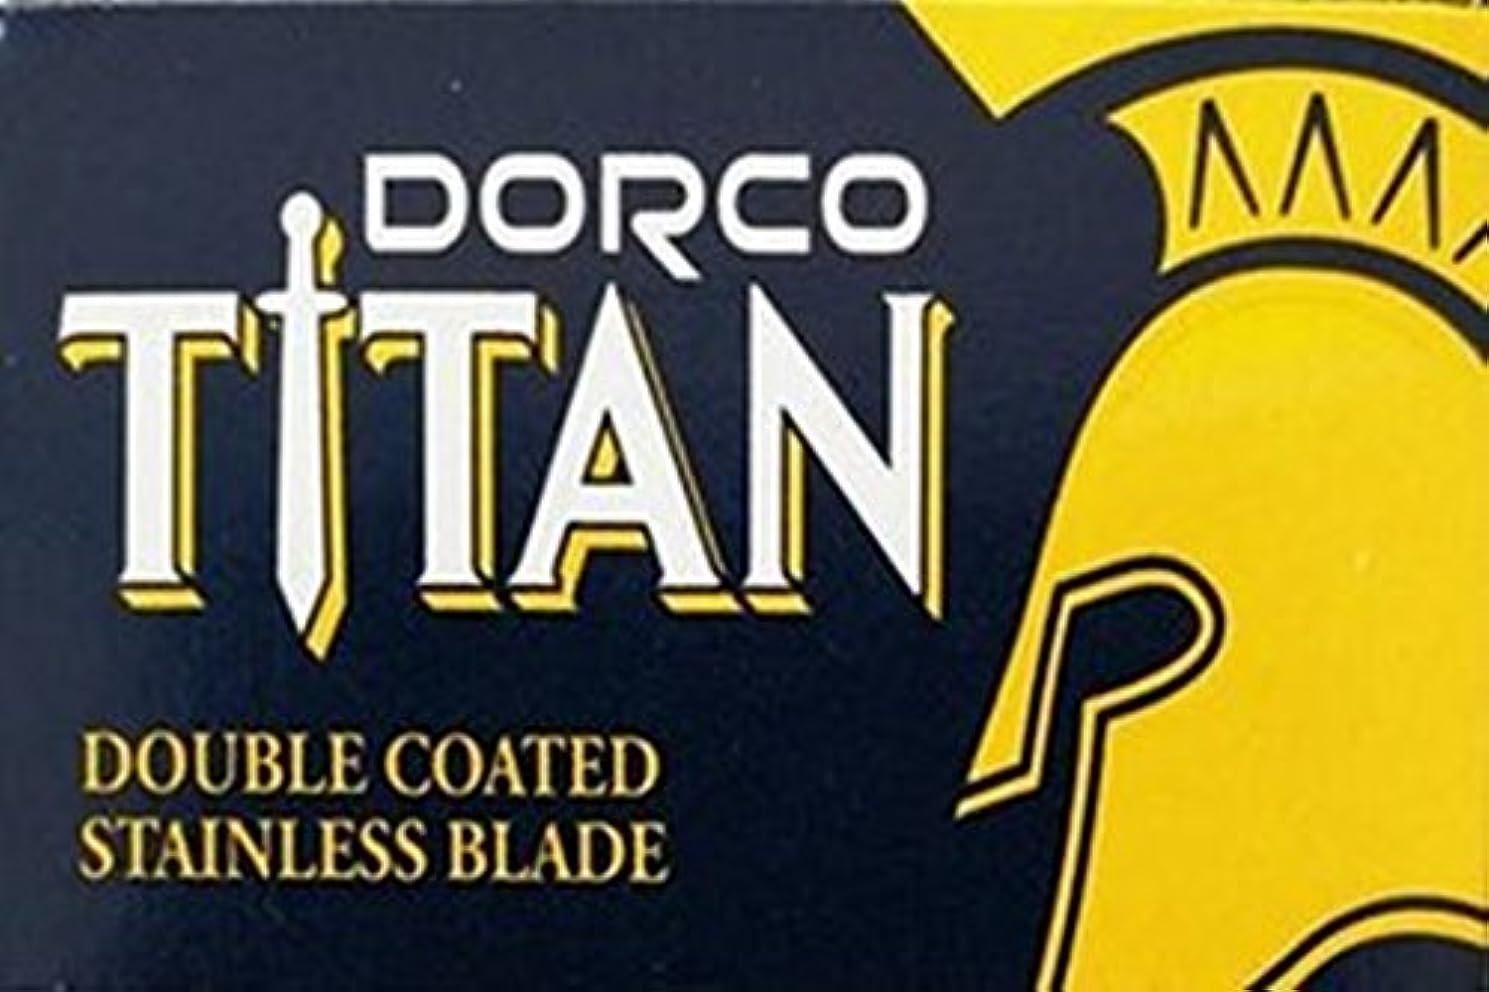 絶対のトラブル鎮痛剤Dorco Titan 両刃替刃 100枚入り(10枚入り10 個セット)【並行輸入品】